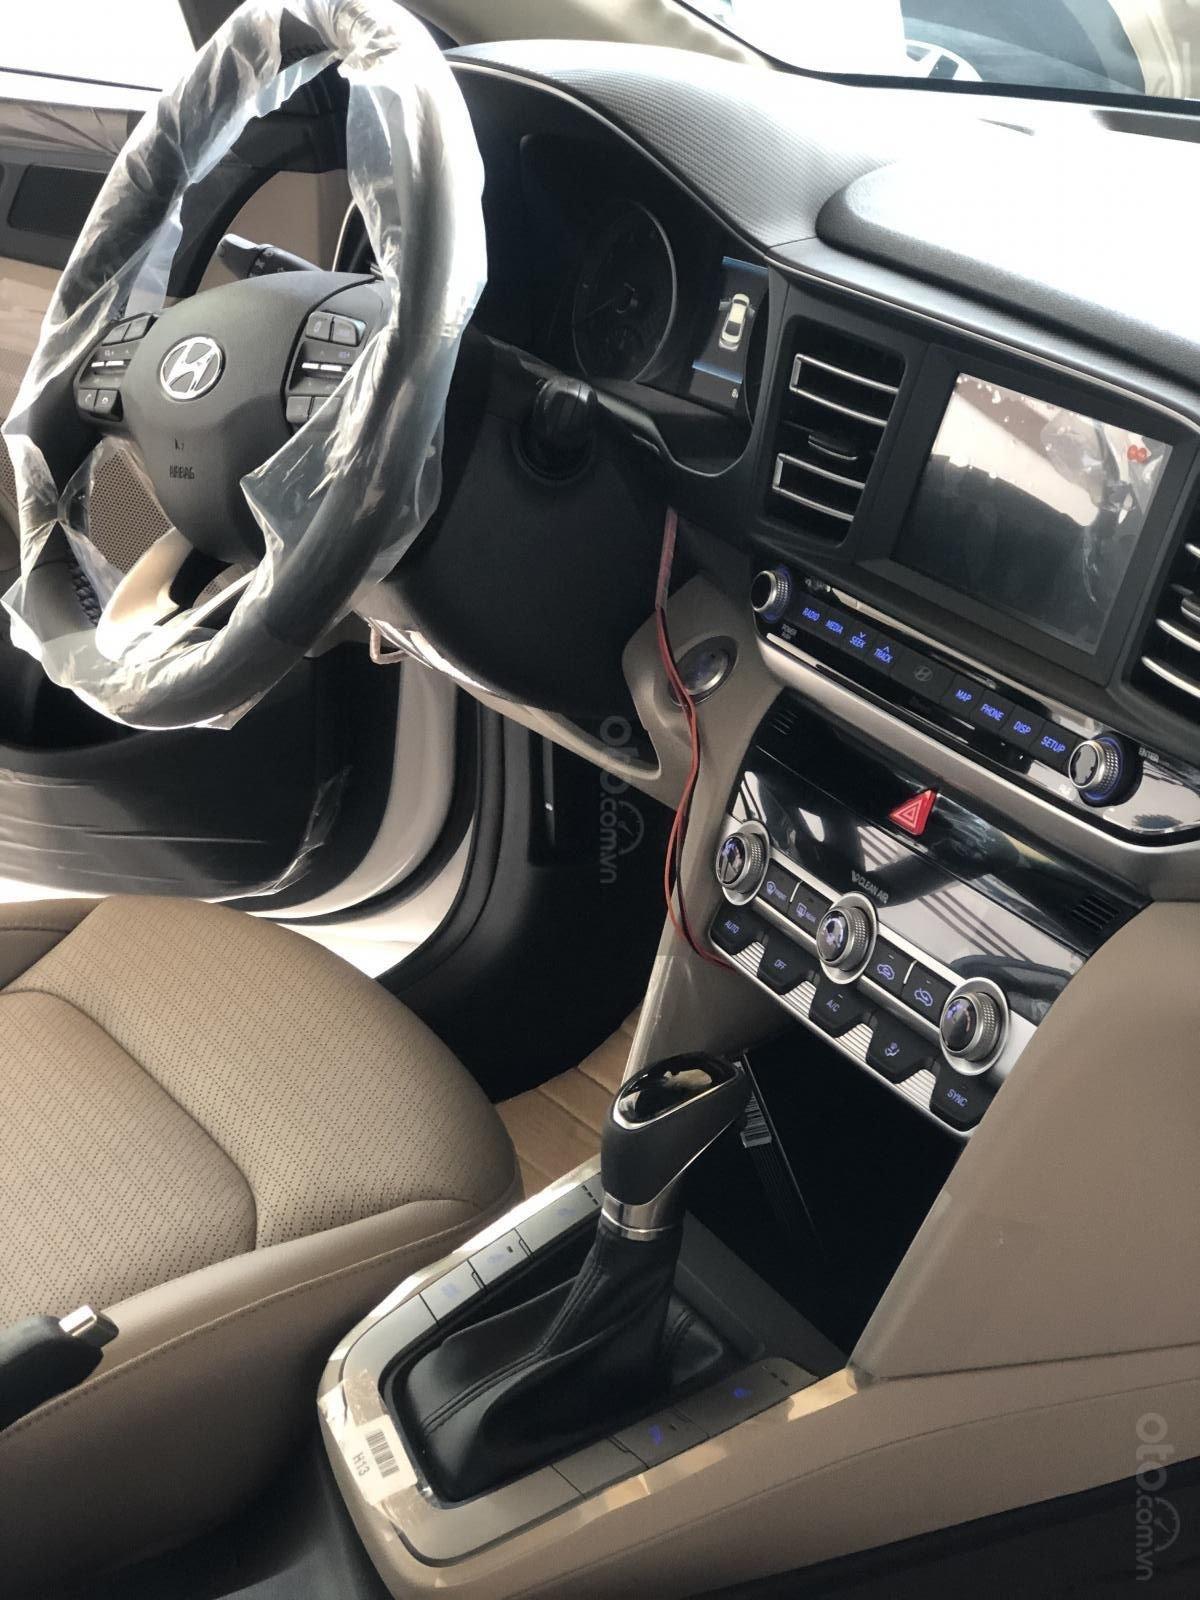 Xe Hyundai Elantra 2019, giá từ 555tr - màu trắng- giao ngay - LH: 0919293553 (4)